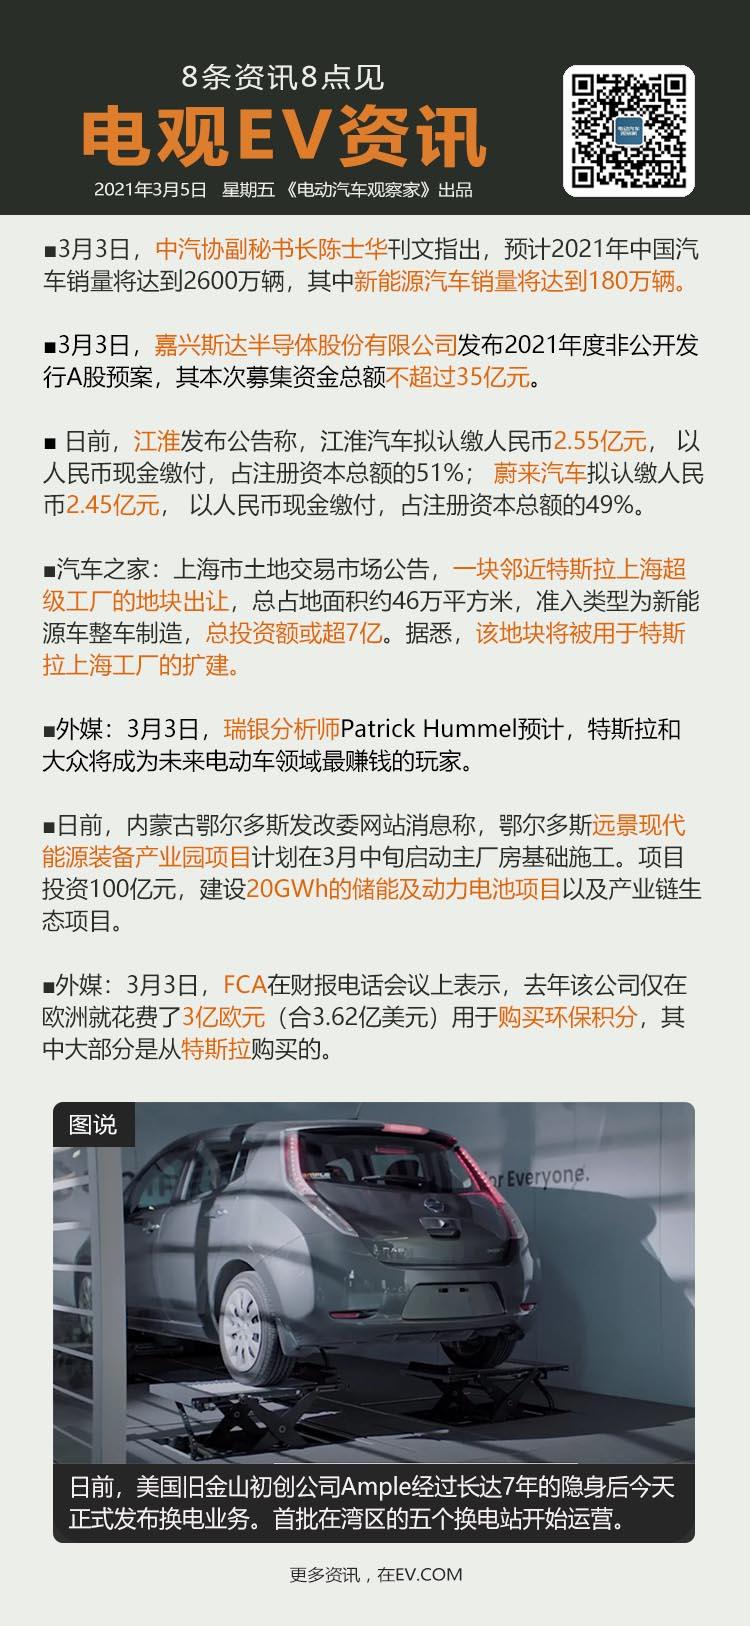 3月5日:今年中国新能源车或销180万辆等8条资讯